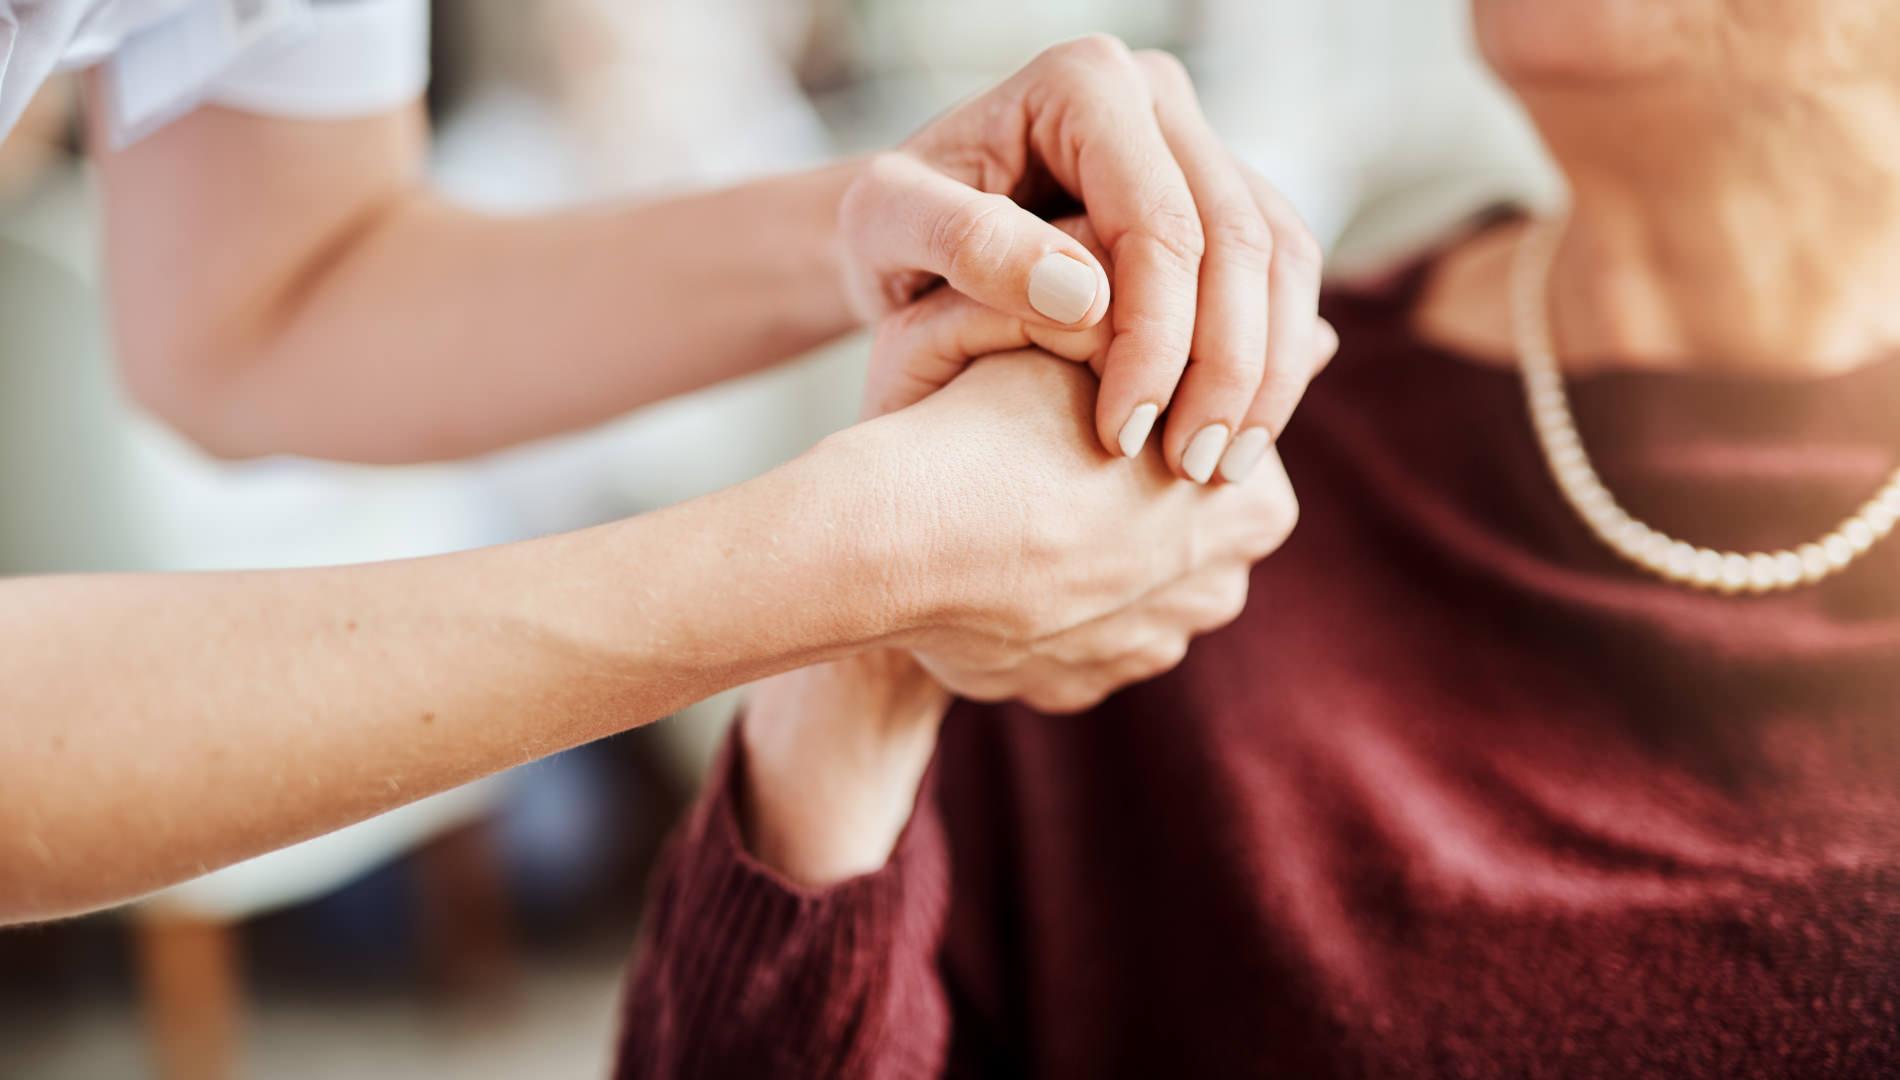 Pflegedienste und Logopäden arbeiten eng zusammen